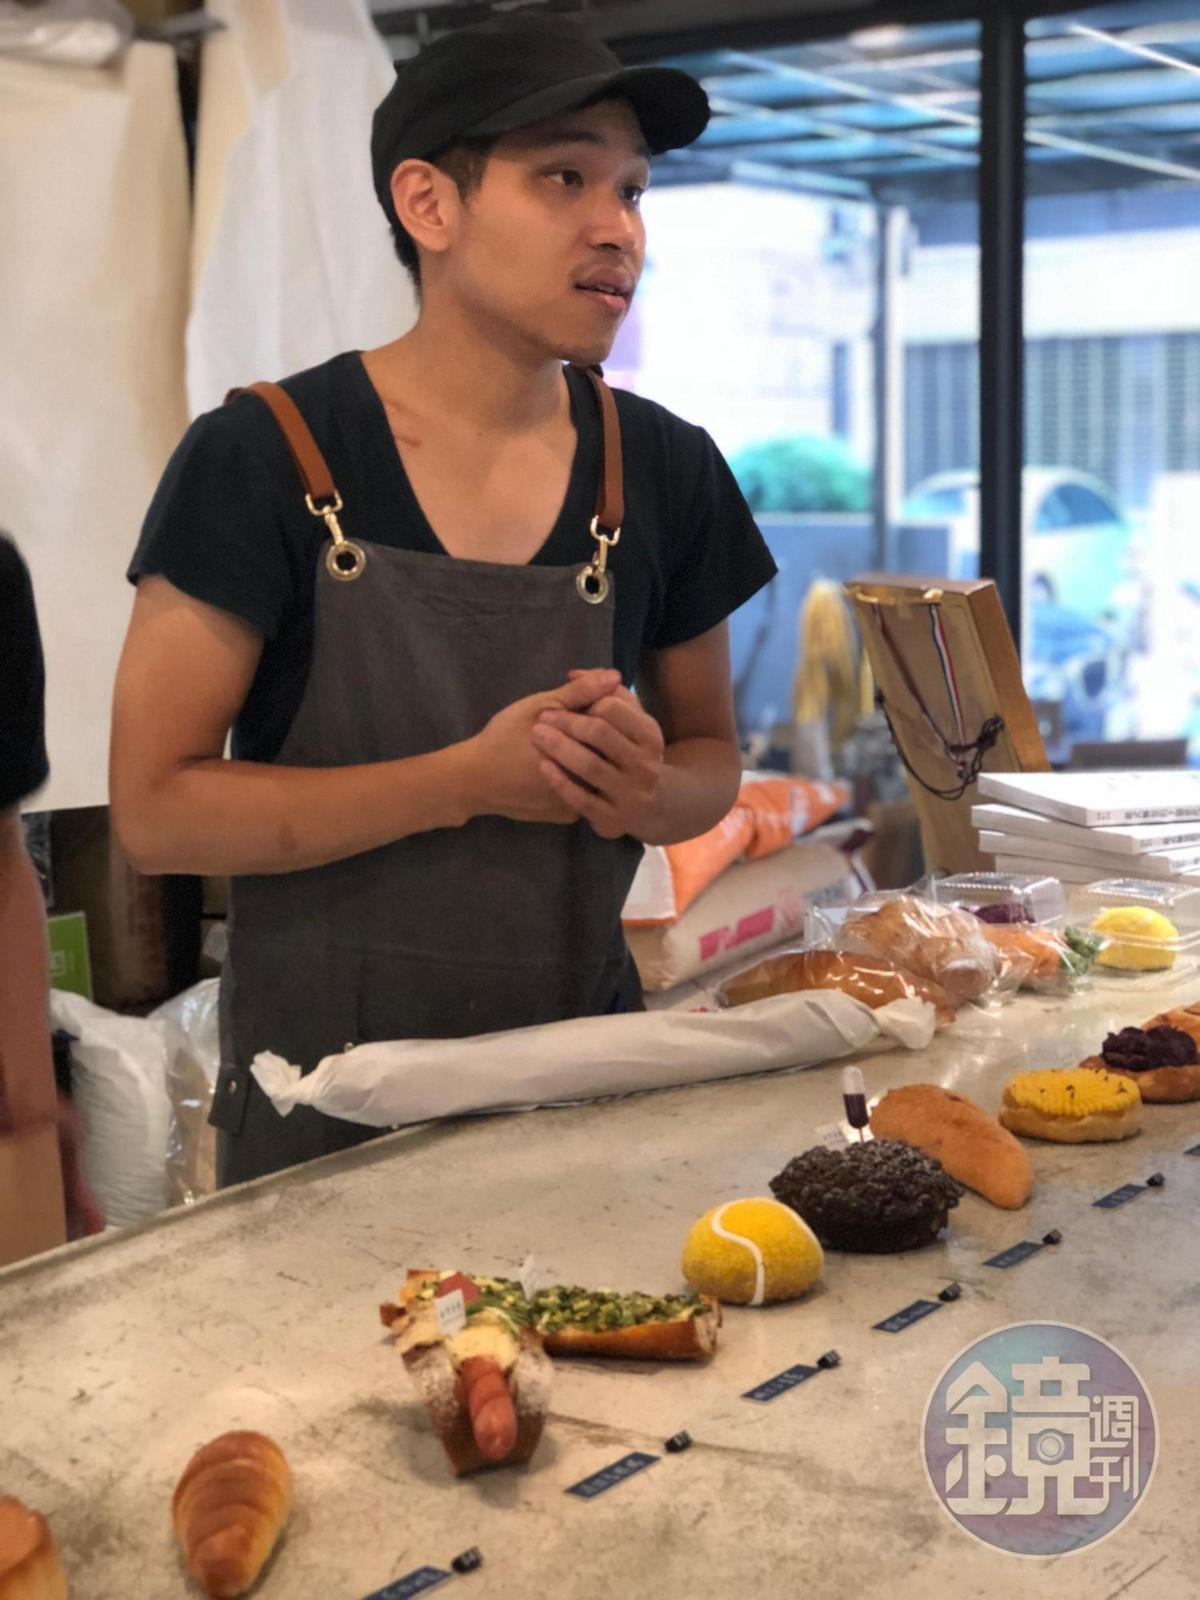 由製作麵包的師傅親自為客人解說。